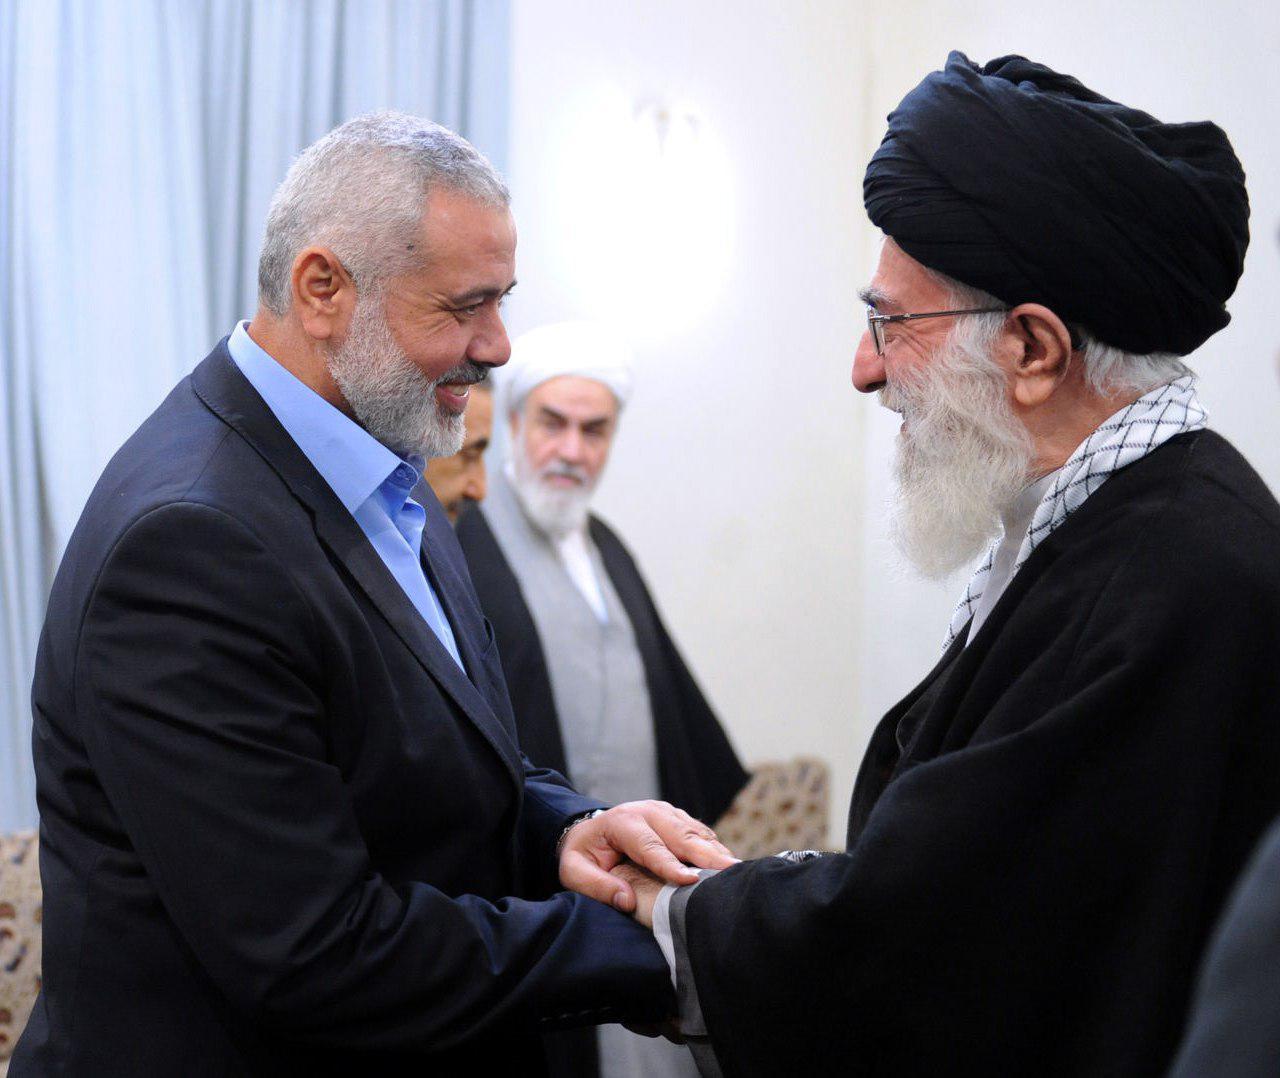 پاسخ رهبر انقلاب اسلامی به نامه رئیس دفتر سیاسی جنبش مقاومت اسلامی فلسطین(حماس)